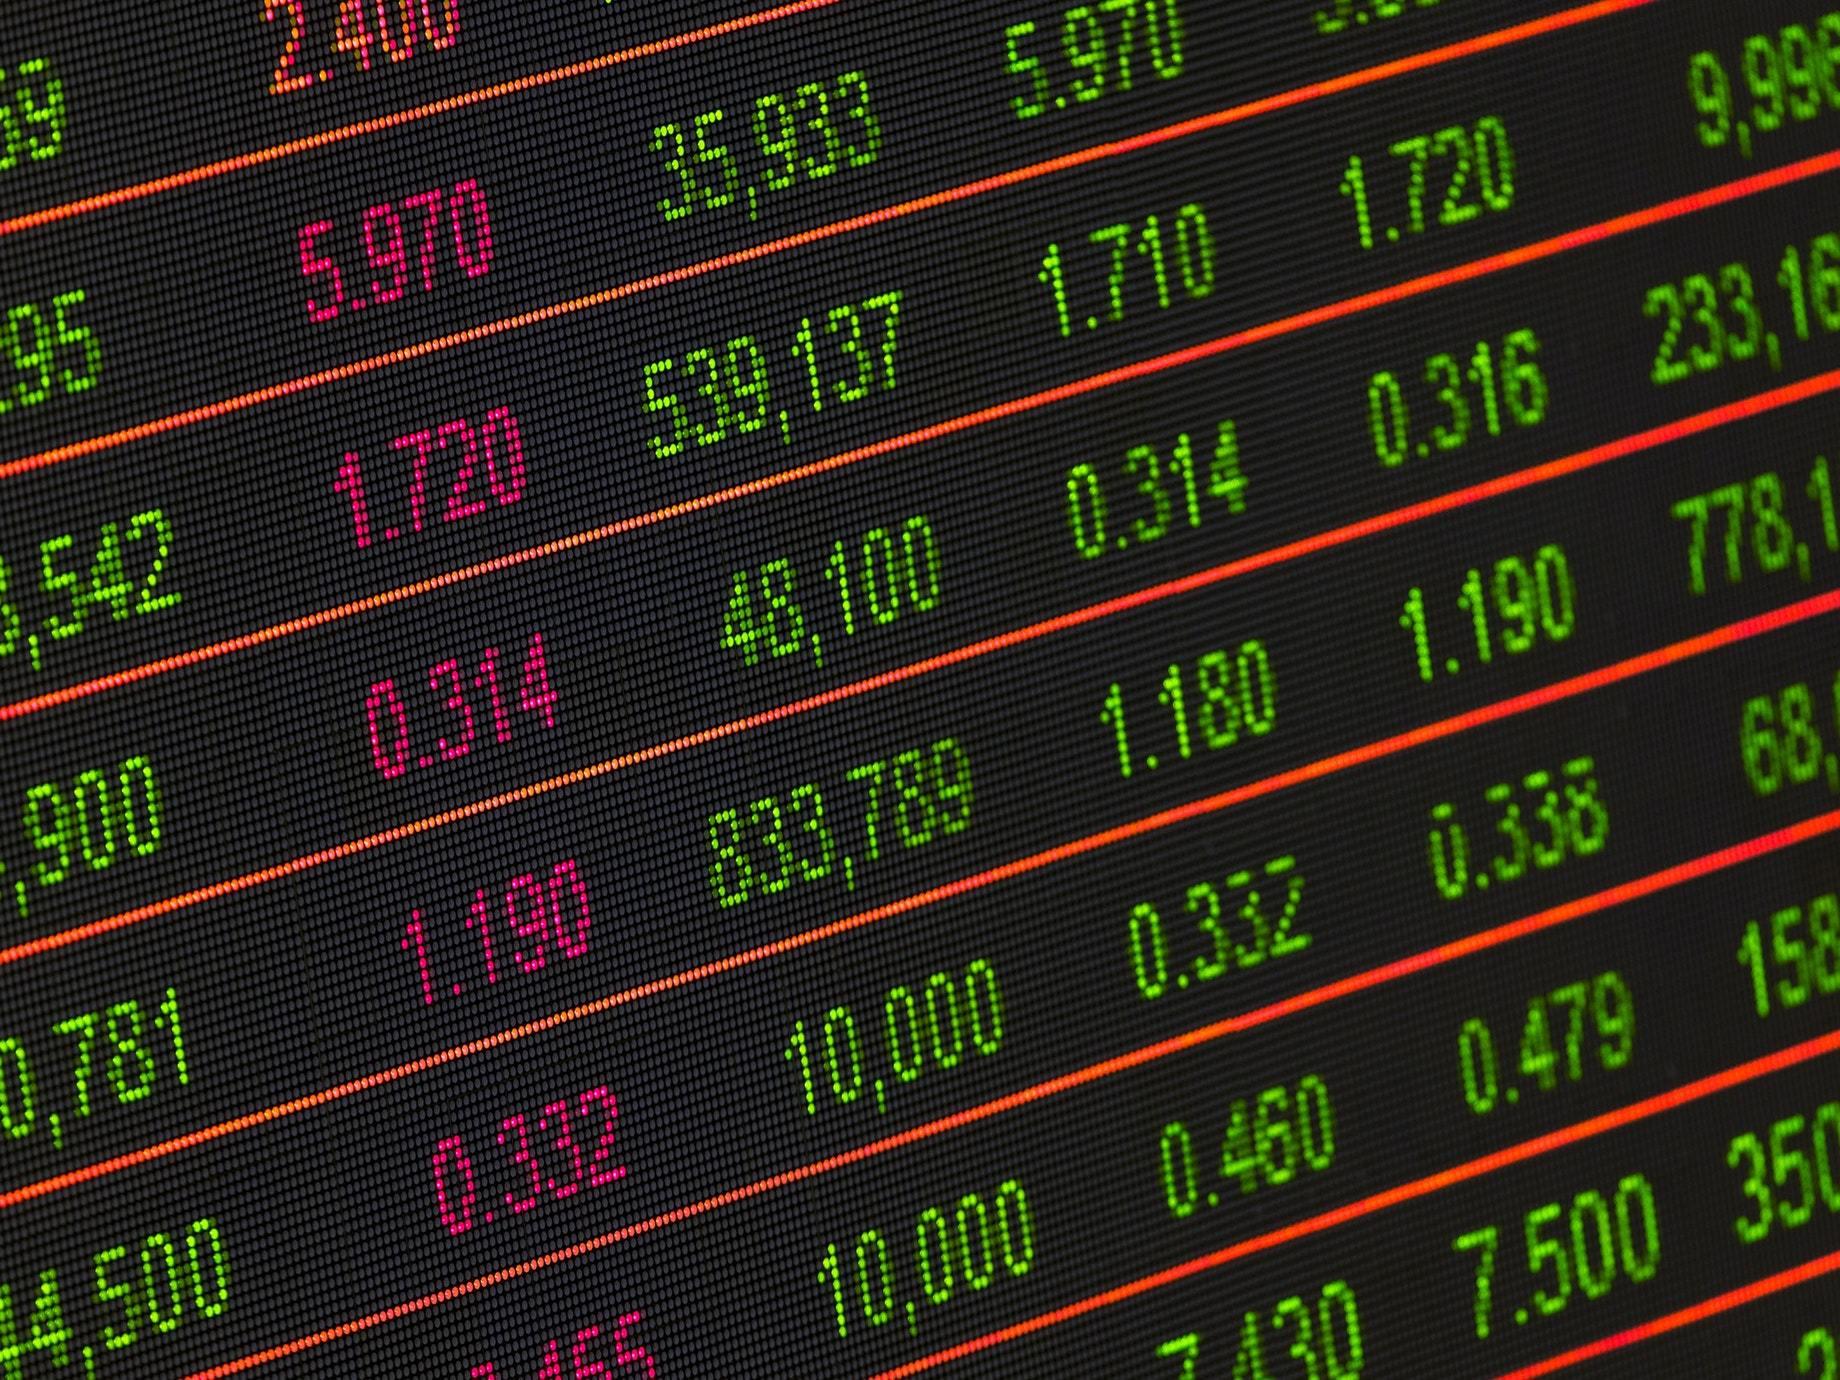 2019 年哪些公司市值增減最多?了解最新市場動態,掌握產業發展為 2020 做好準備